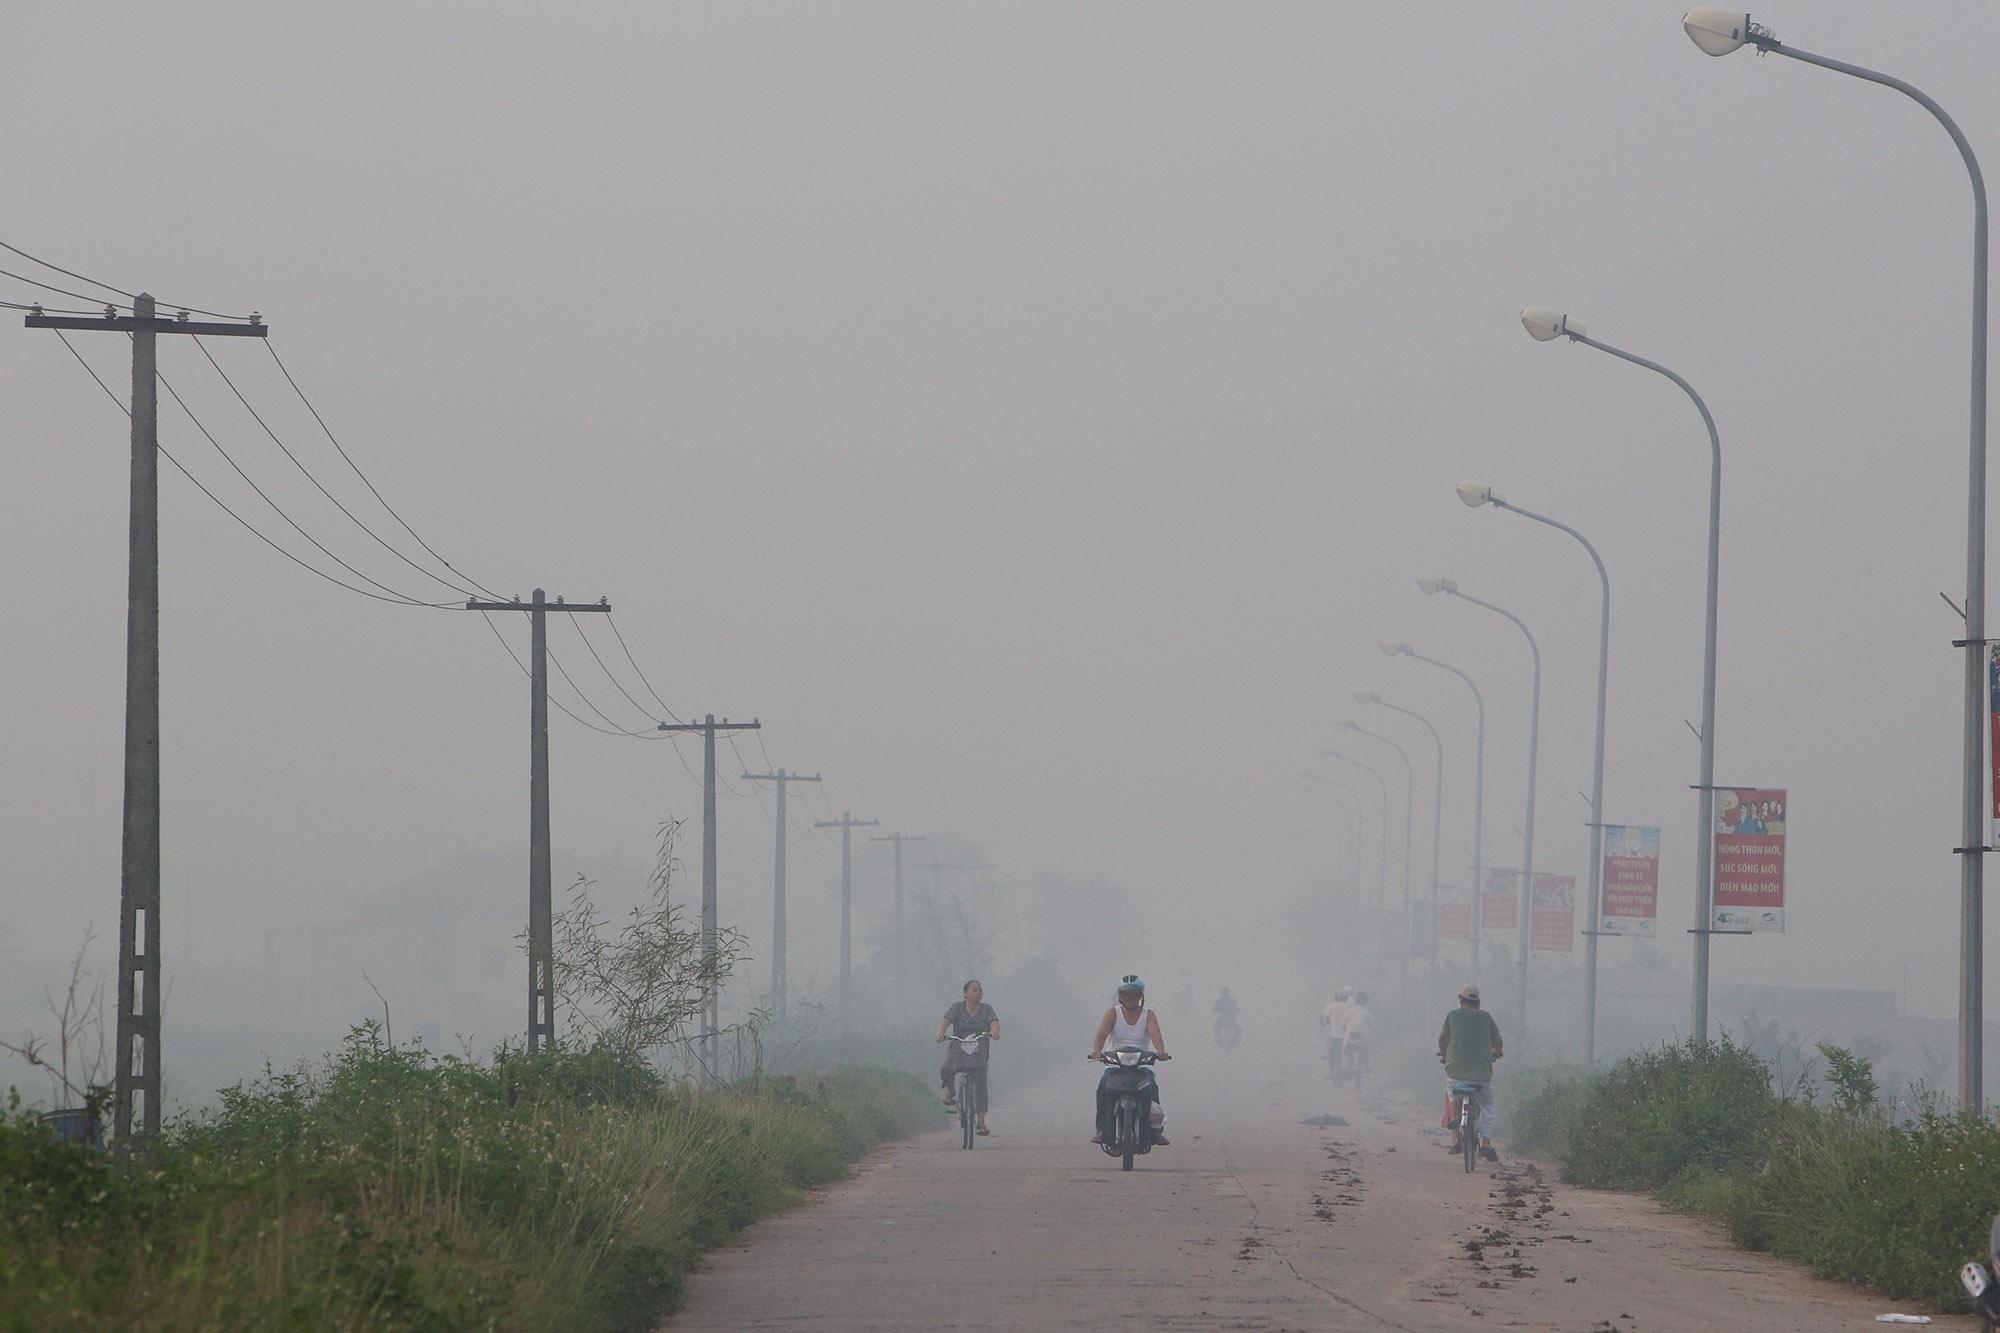 Cảnh khói trắng đặc quánh bao phủ cửa ngõ Hà Nội - 11